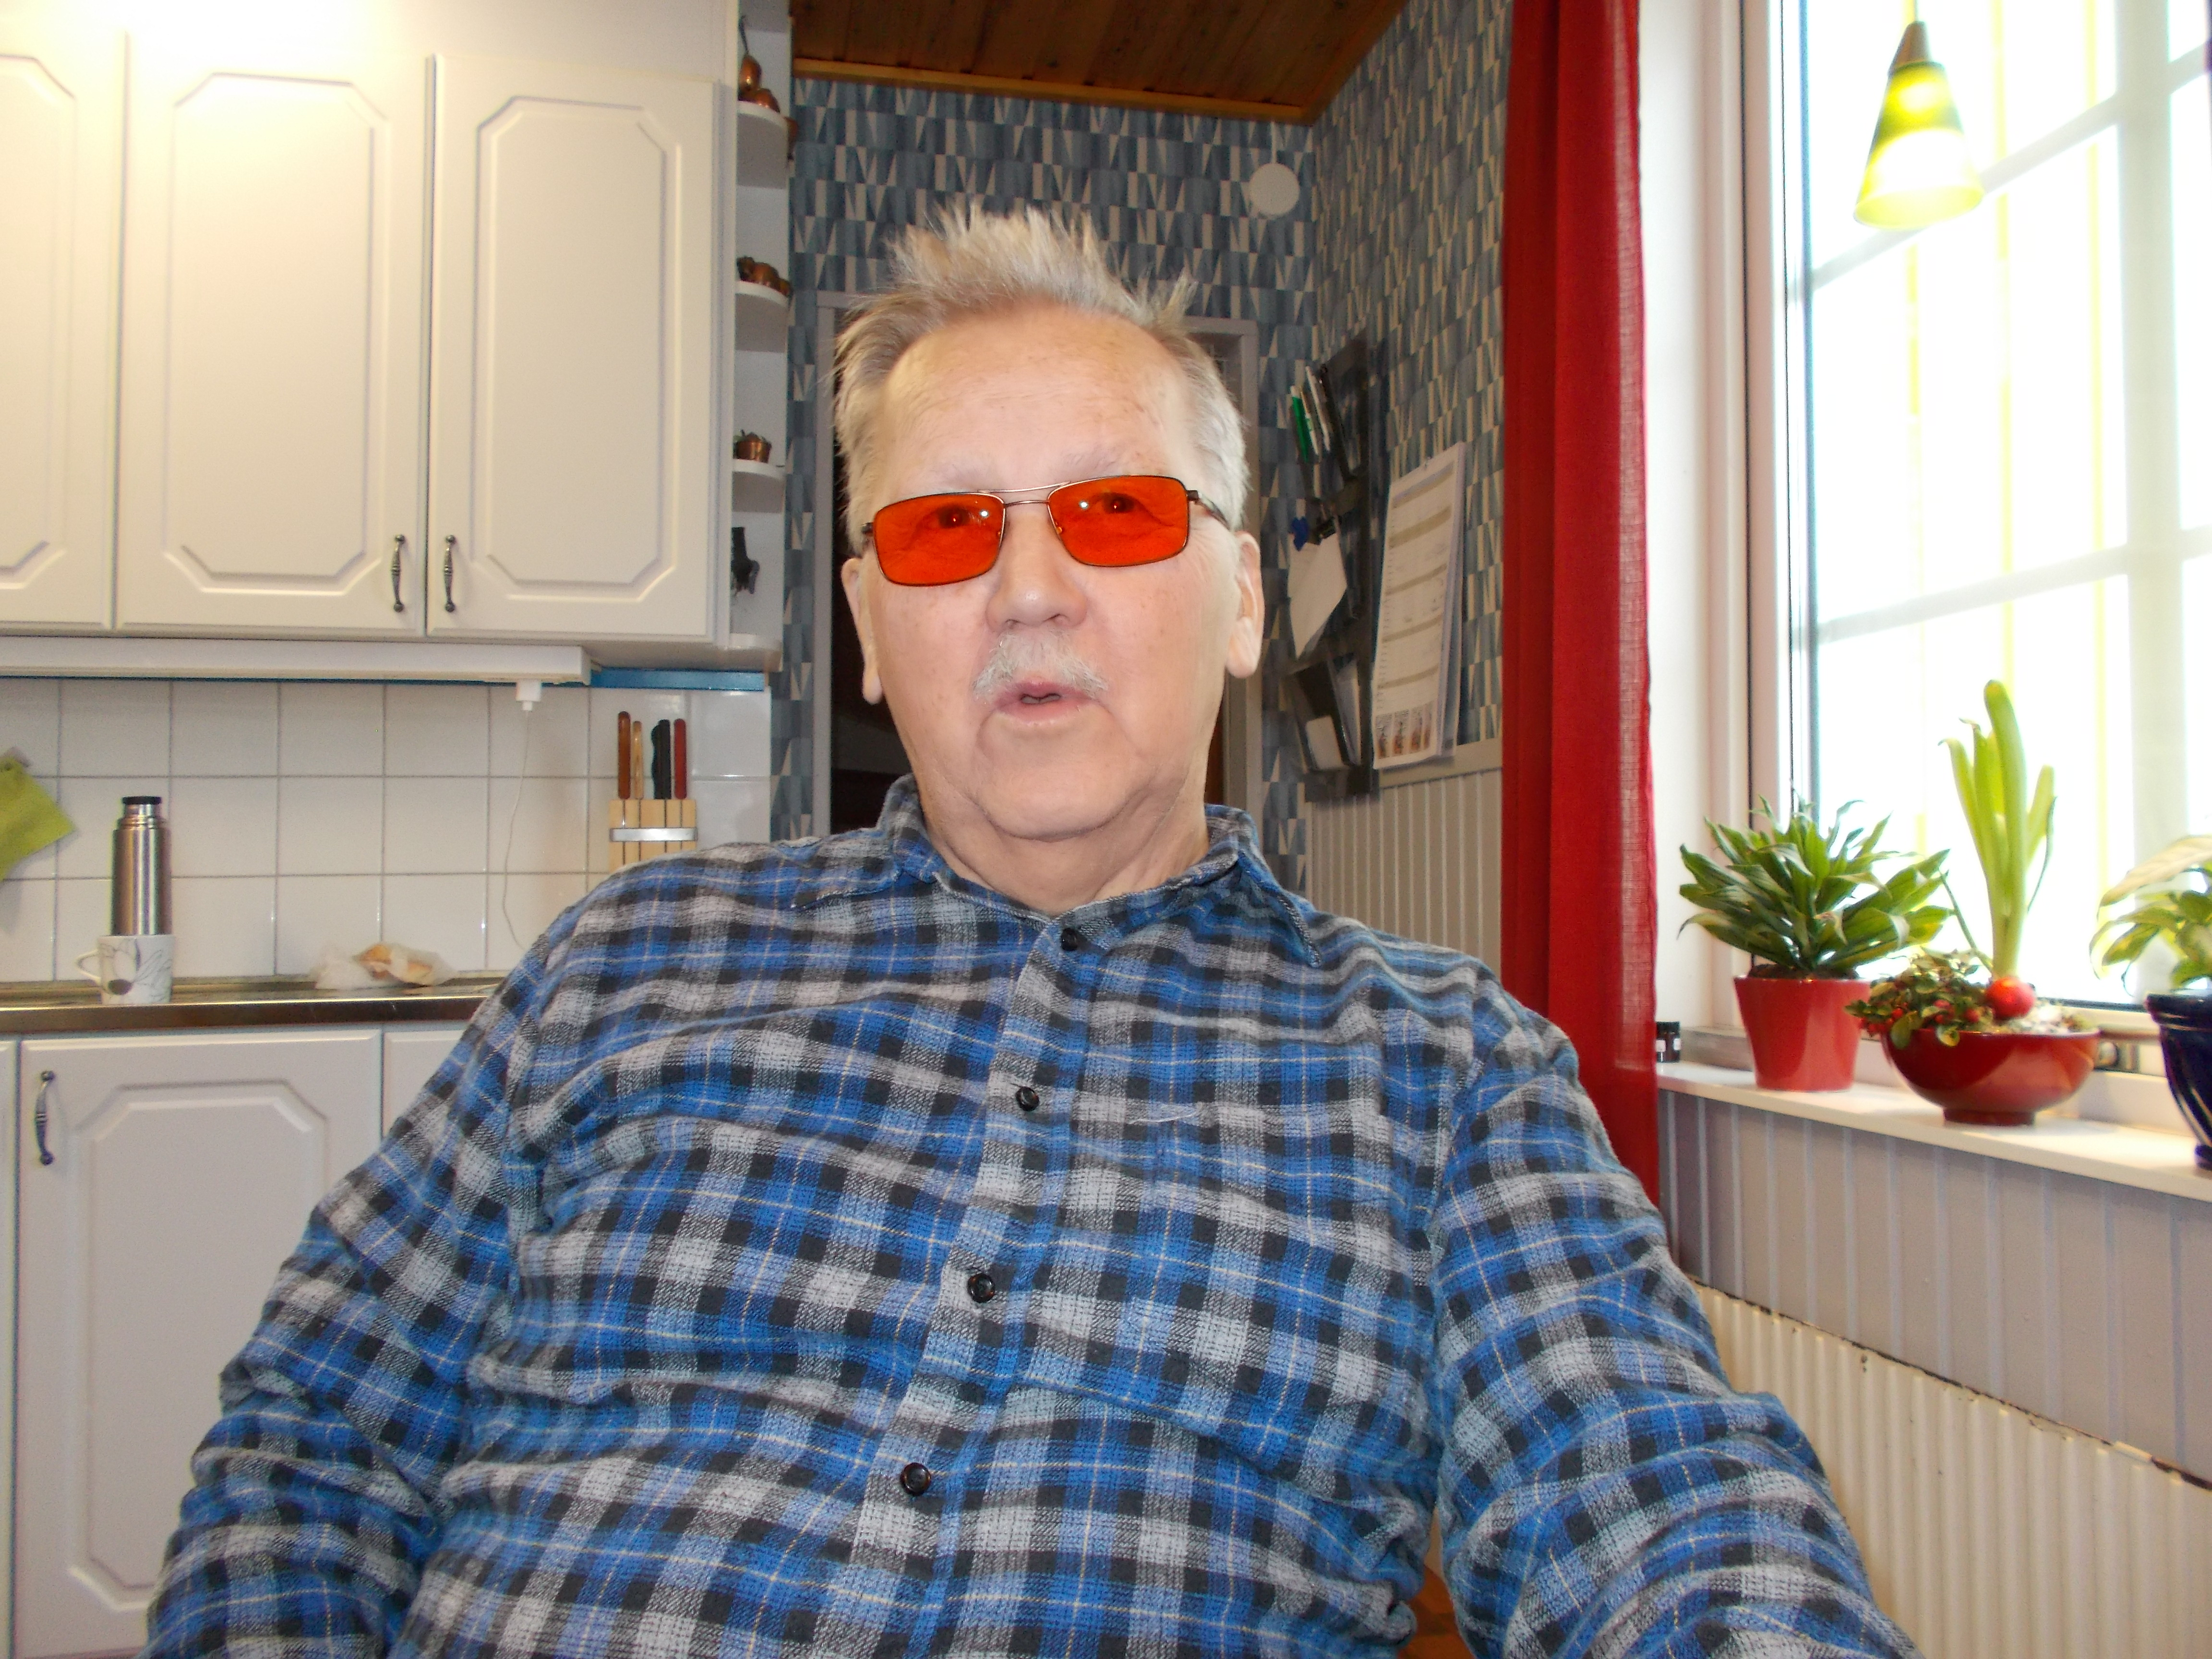 Anders sitter i sitt kök iklädd en blårutig skjorta. Han har röda glasögon och kortklippt grått hår.